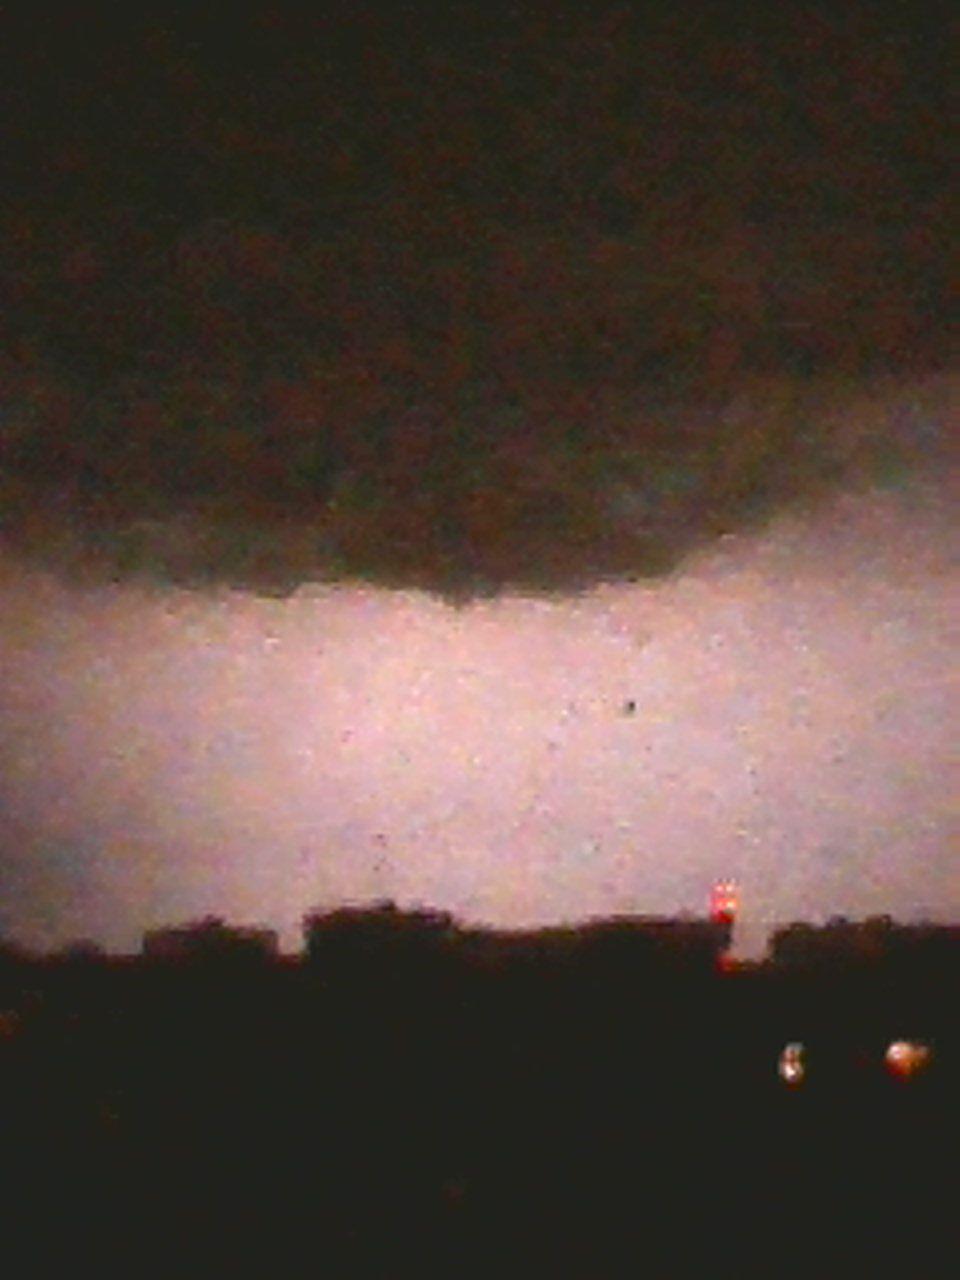 яркая молния